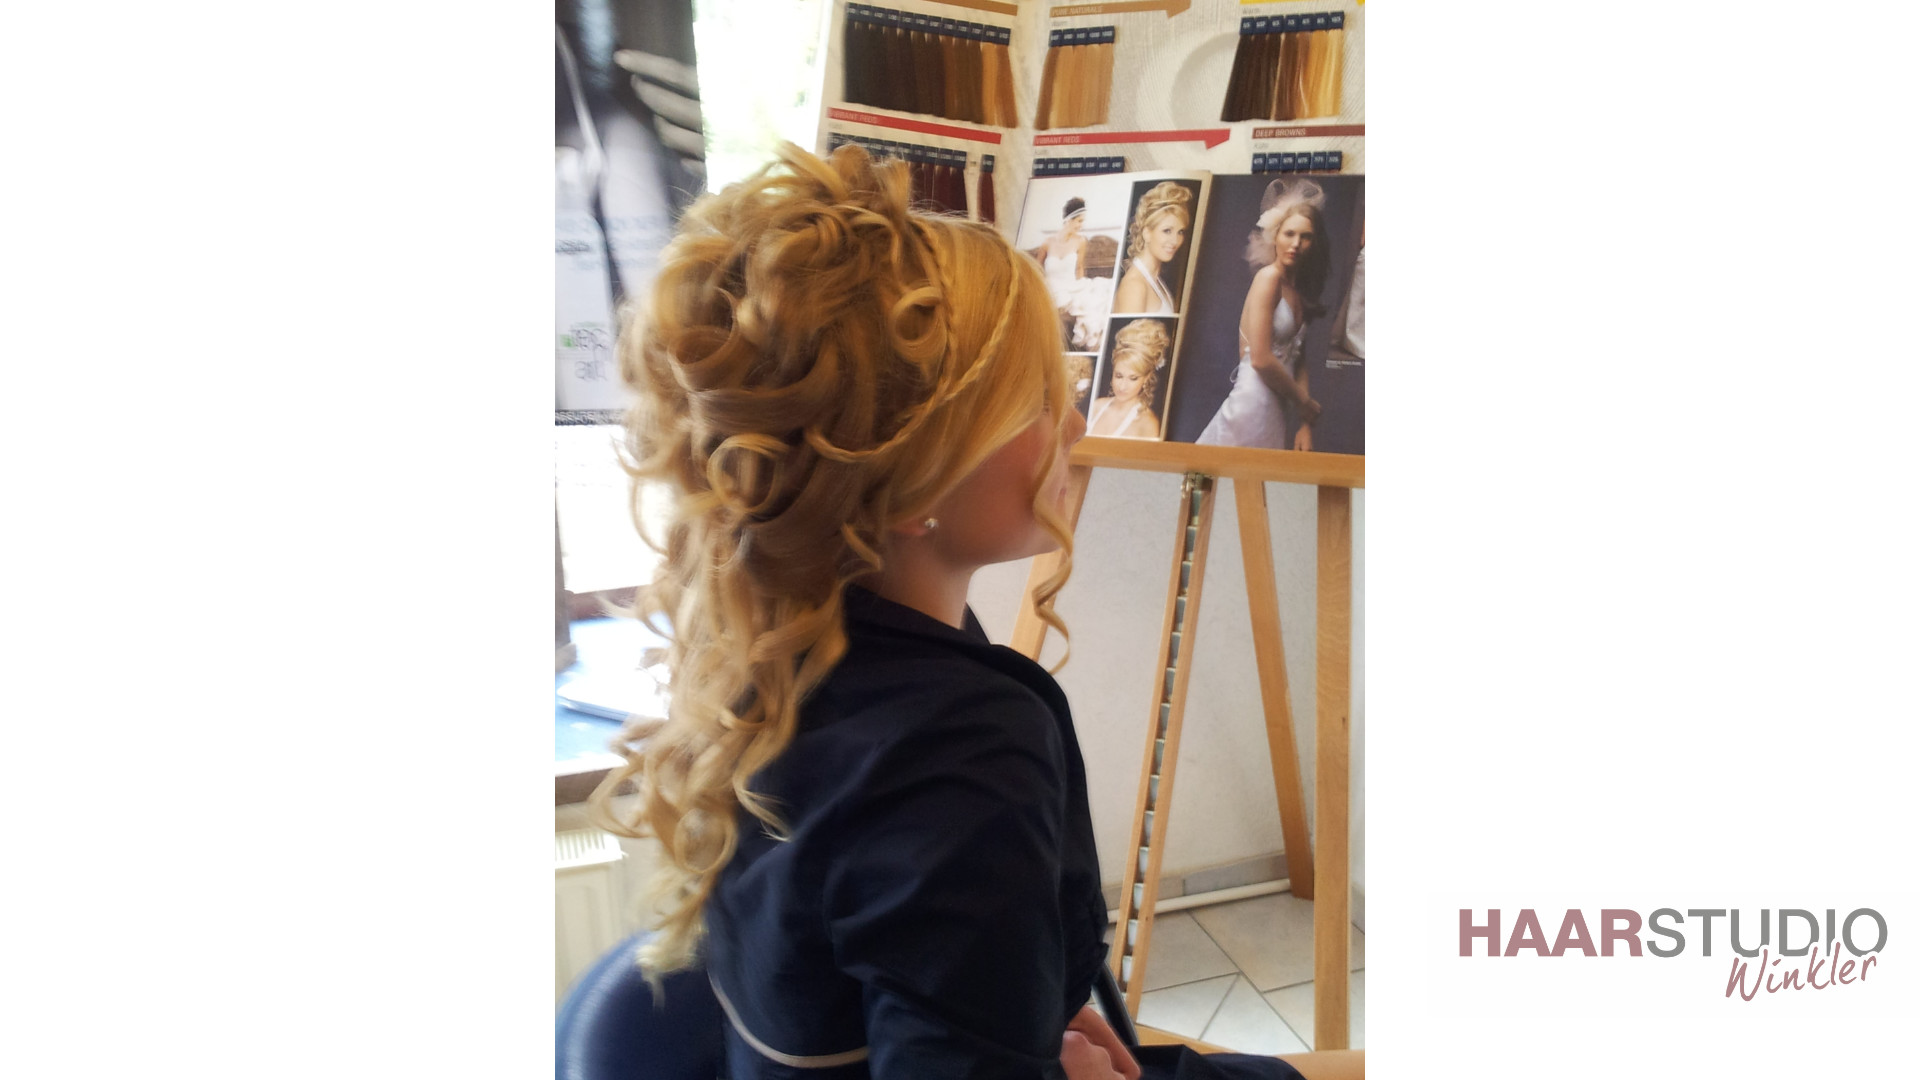 haarstudio-winkler-damen-frisur-3.jpg